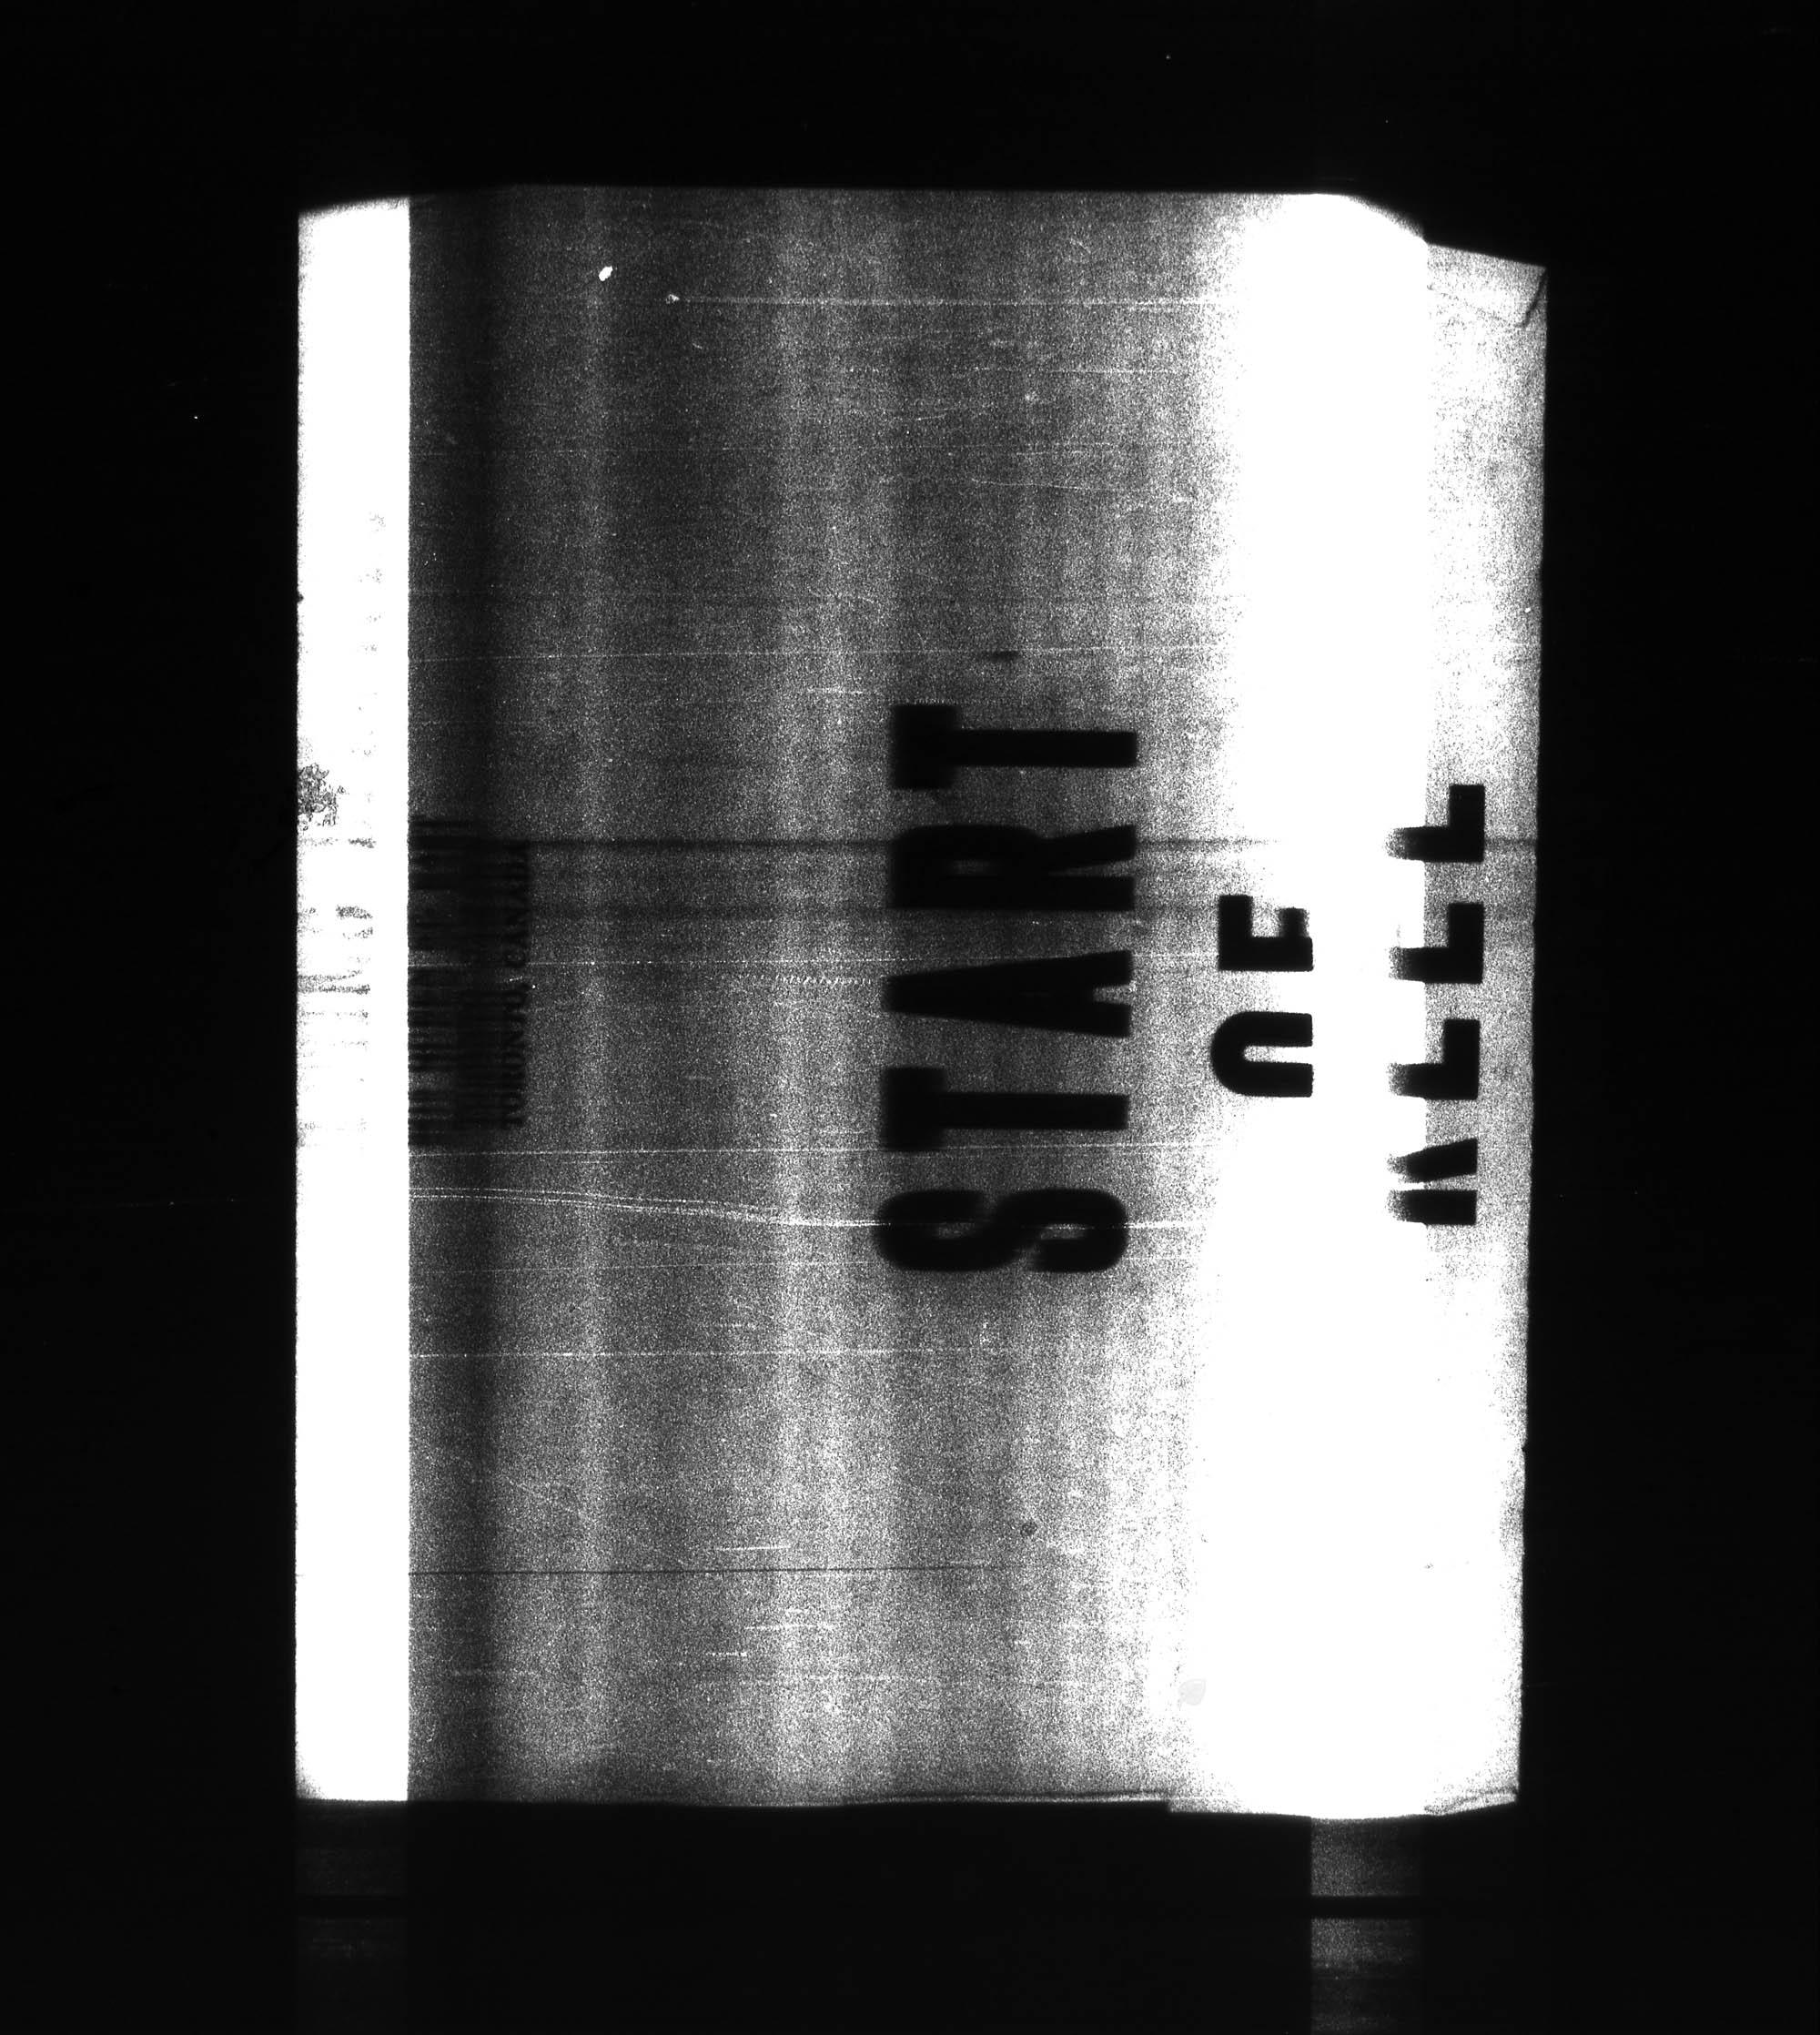 Titre: Arrivées par la frontière, 1908-1918 - N° d'enregistrement Mikan: 179161 - Microforme: t-5504